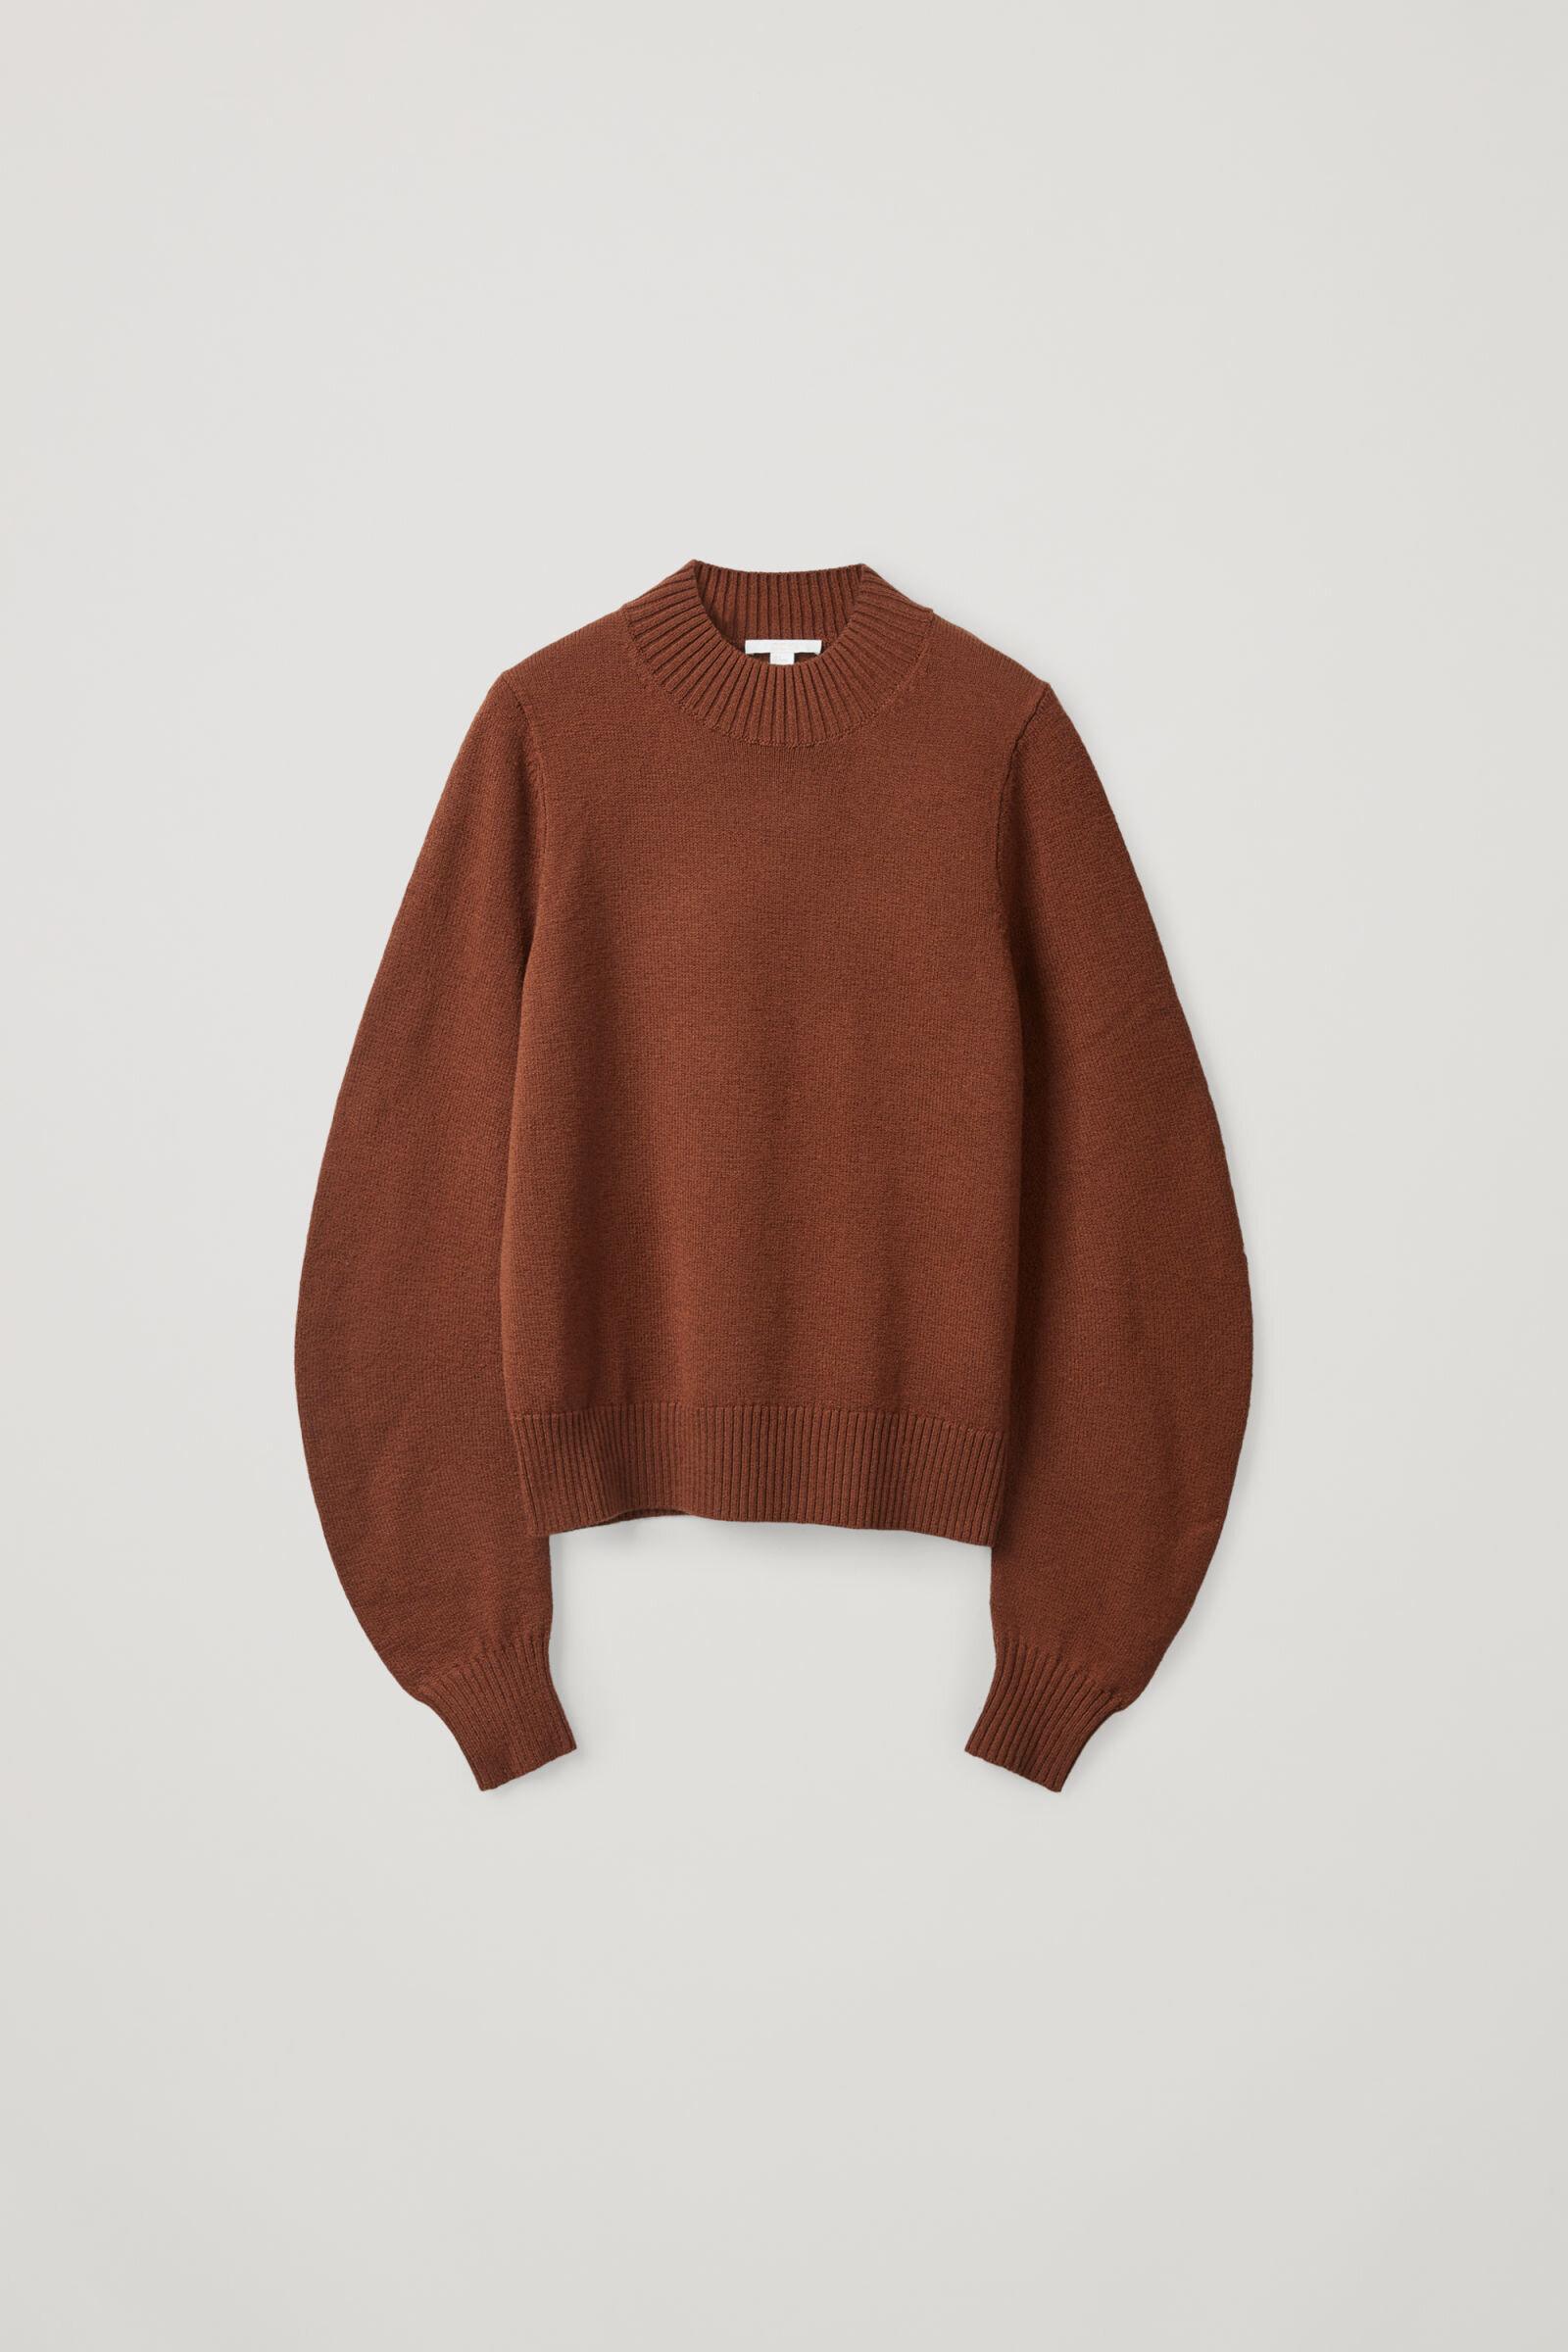 Cos, £69